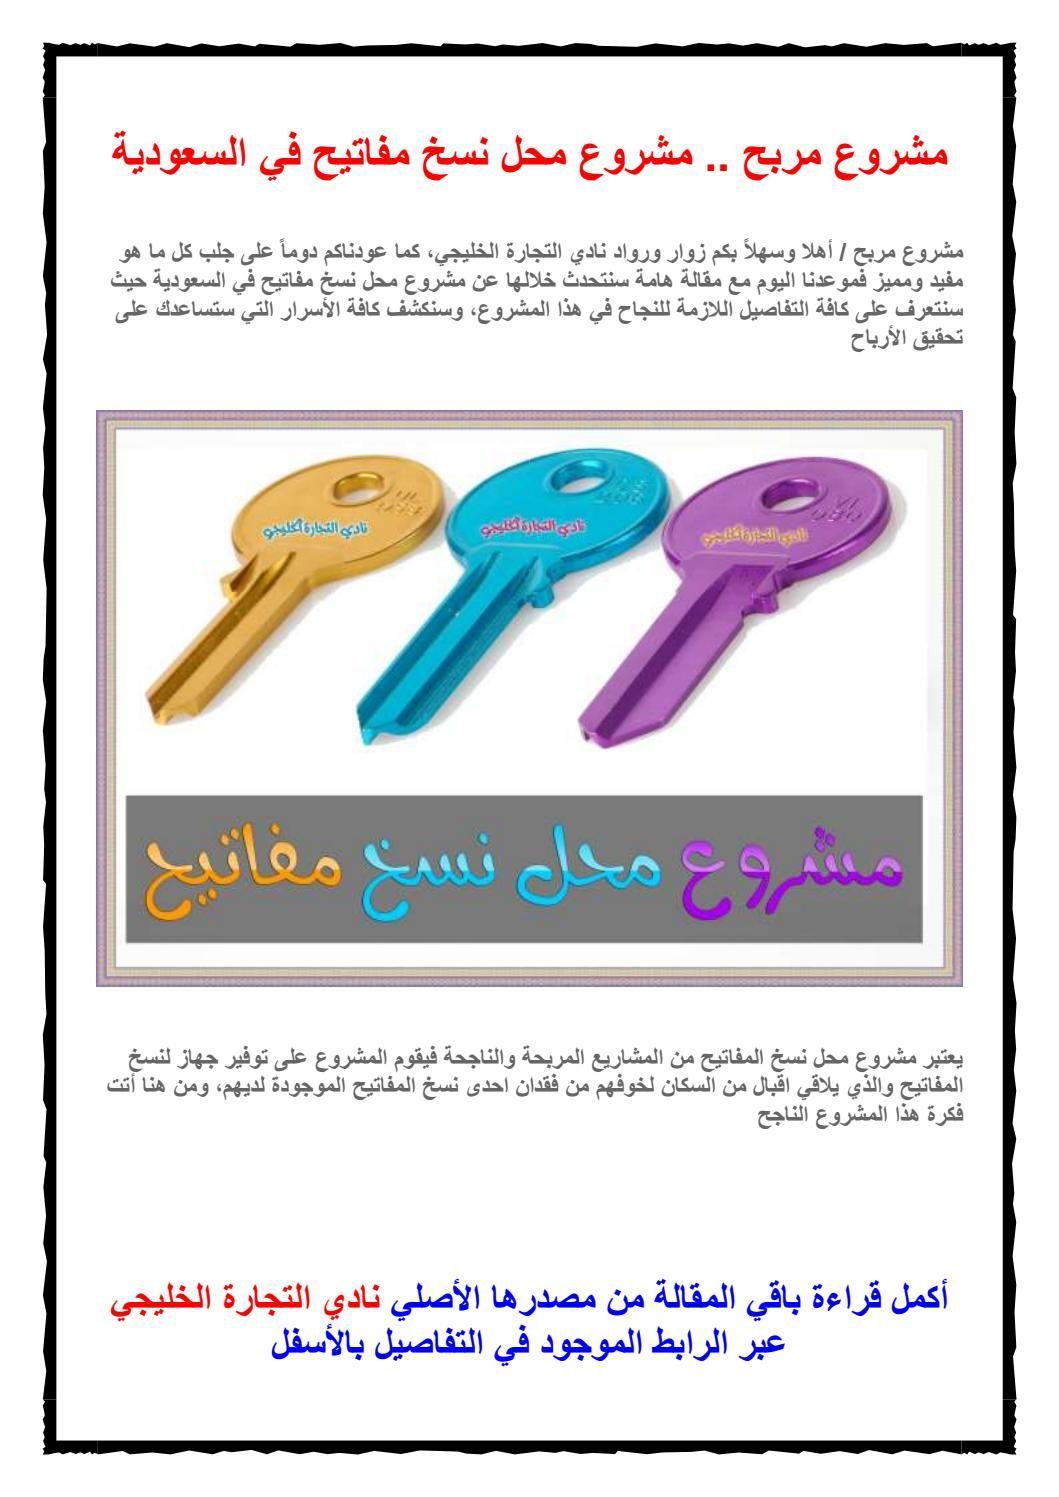 مشروع مربح مشروع محل نسخ مفاتيح في السعودية Hair Dryer Personal Care Hair Straightener